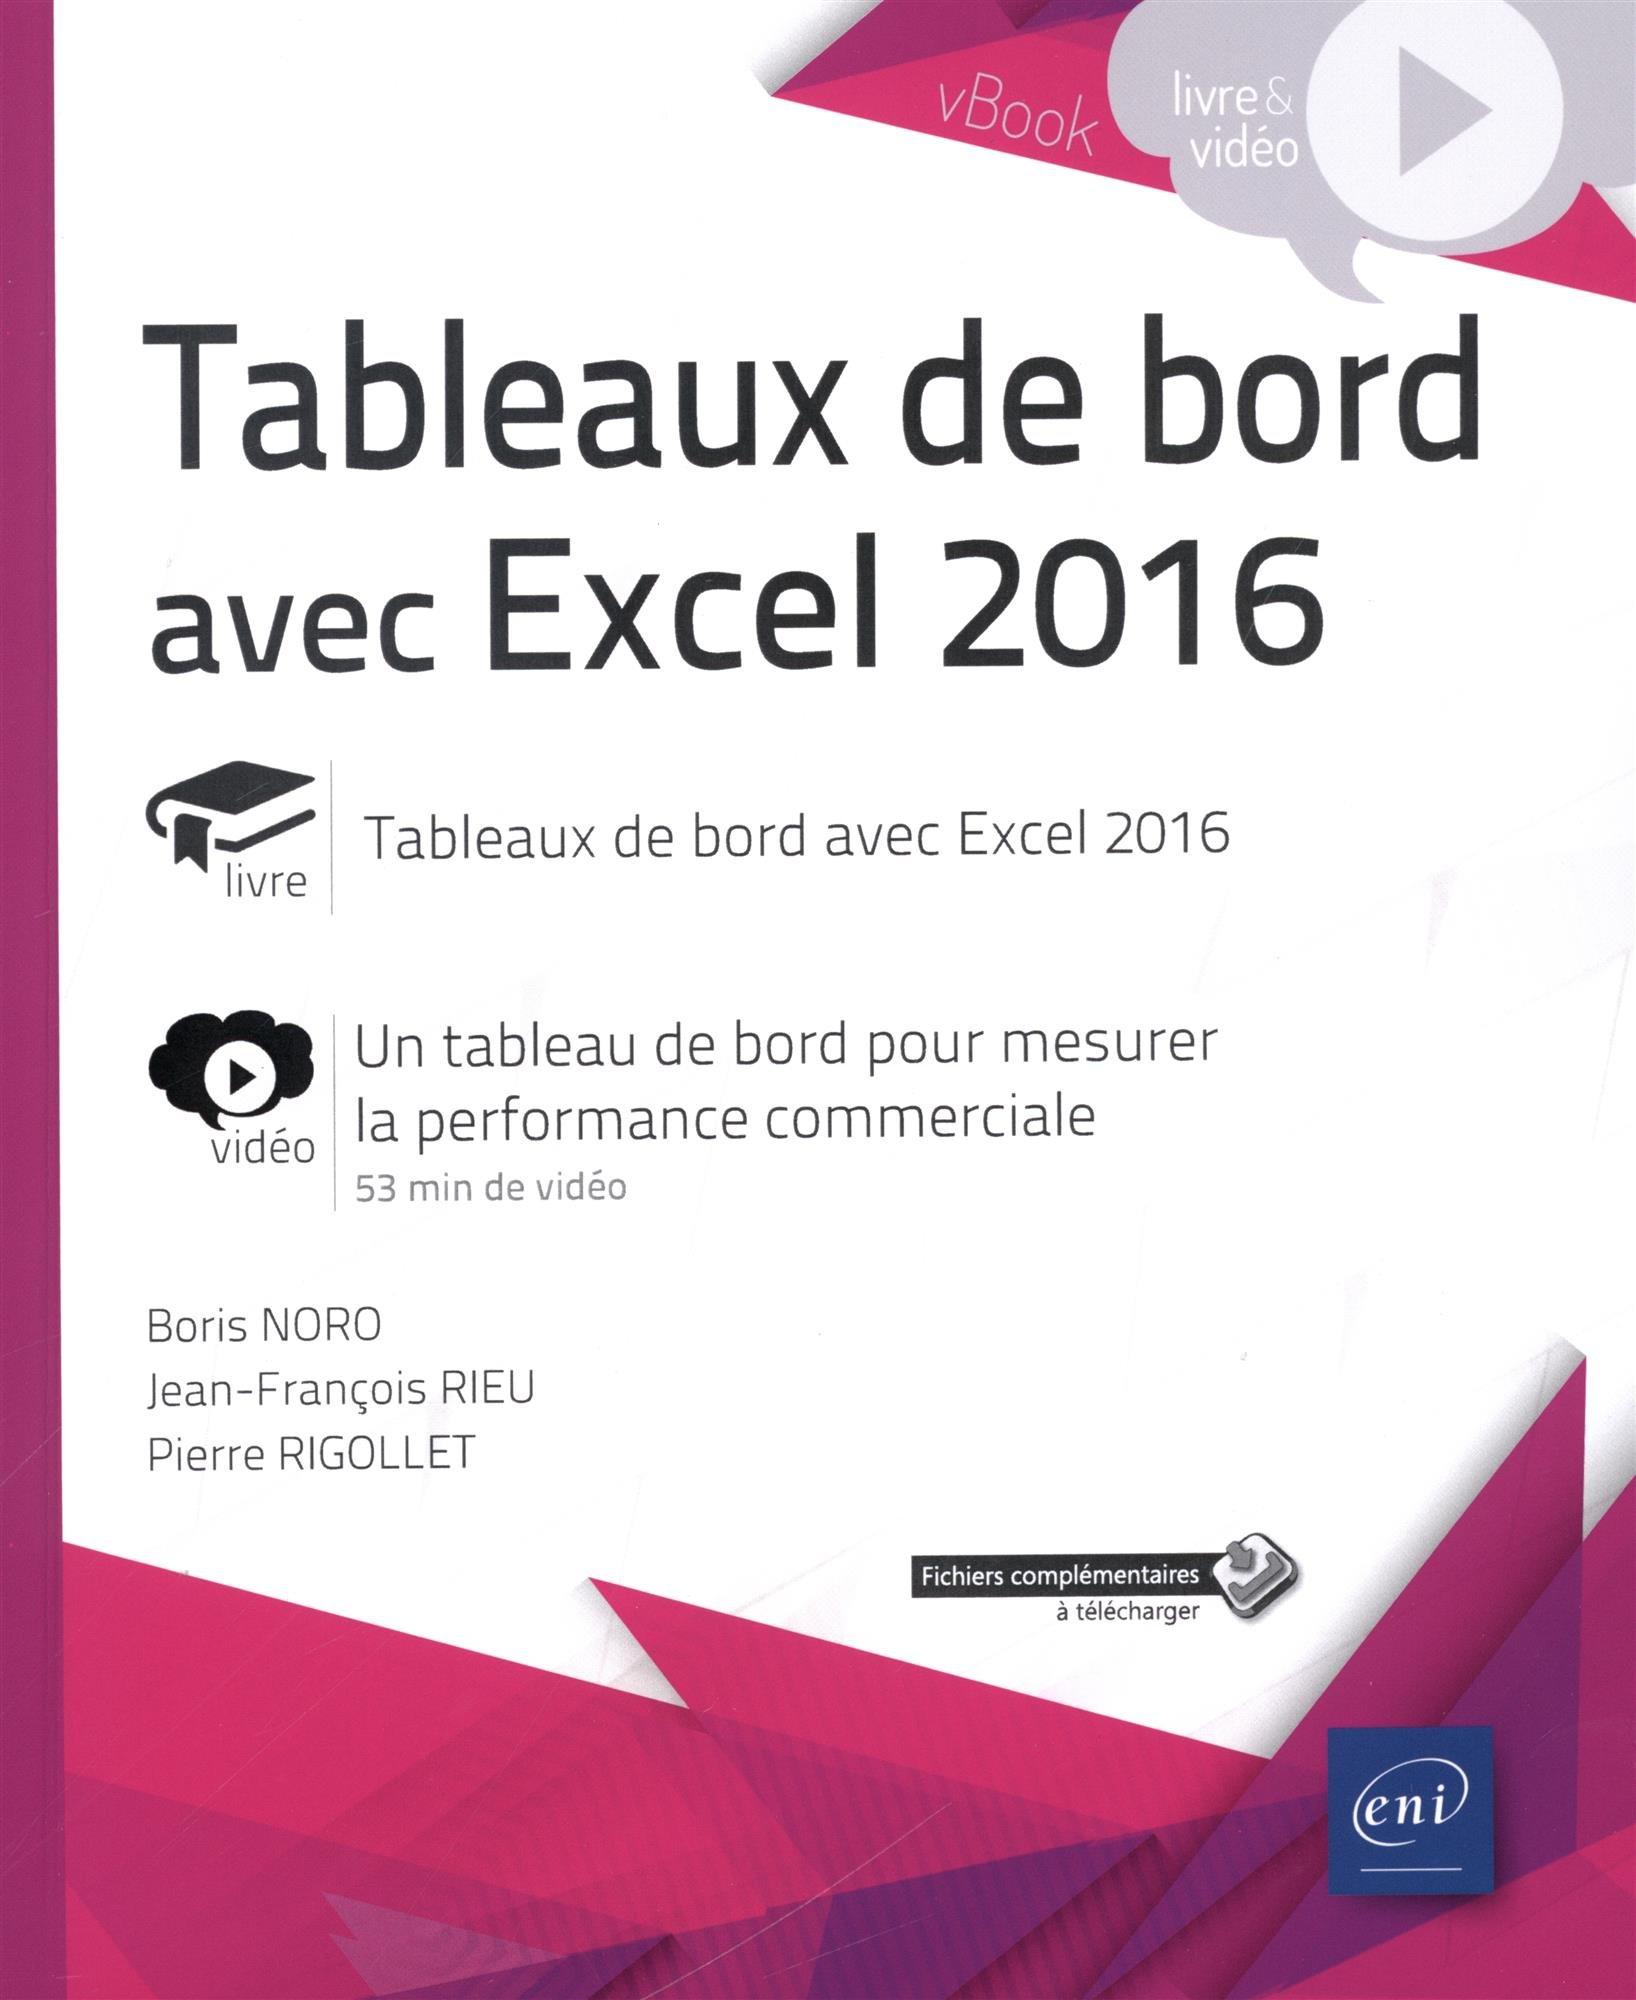 Tableaux De Bord Avec Excel 2016 Complement Video Un Tableau De Bord Pour Mesurer La Performance French Edition Rieu Jean Francois 9782409012716 Amazon Com Books